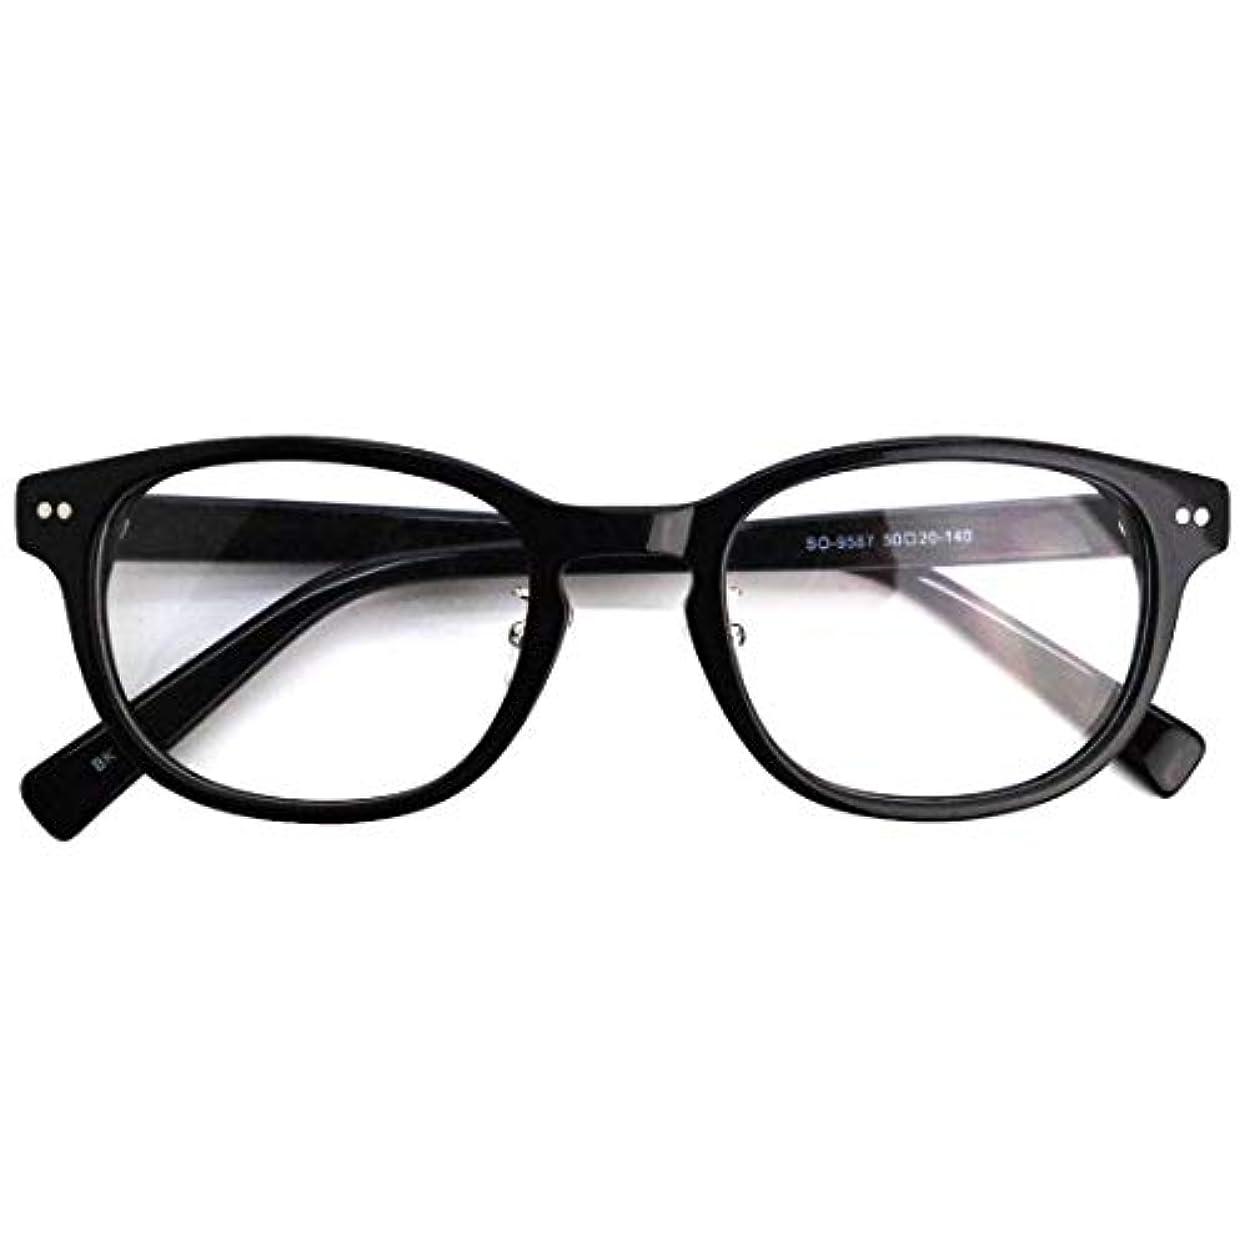 SHOWA (RSN) ウェリントン 遠近両用 メガネ (ブラック) (レディース セット) 全額返金保証 老眼鏡 リーディンググラス 眼鏡 (瞳孔距離:69mm~70mm, 近くを見る度数:+3.0)